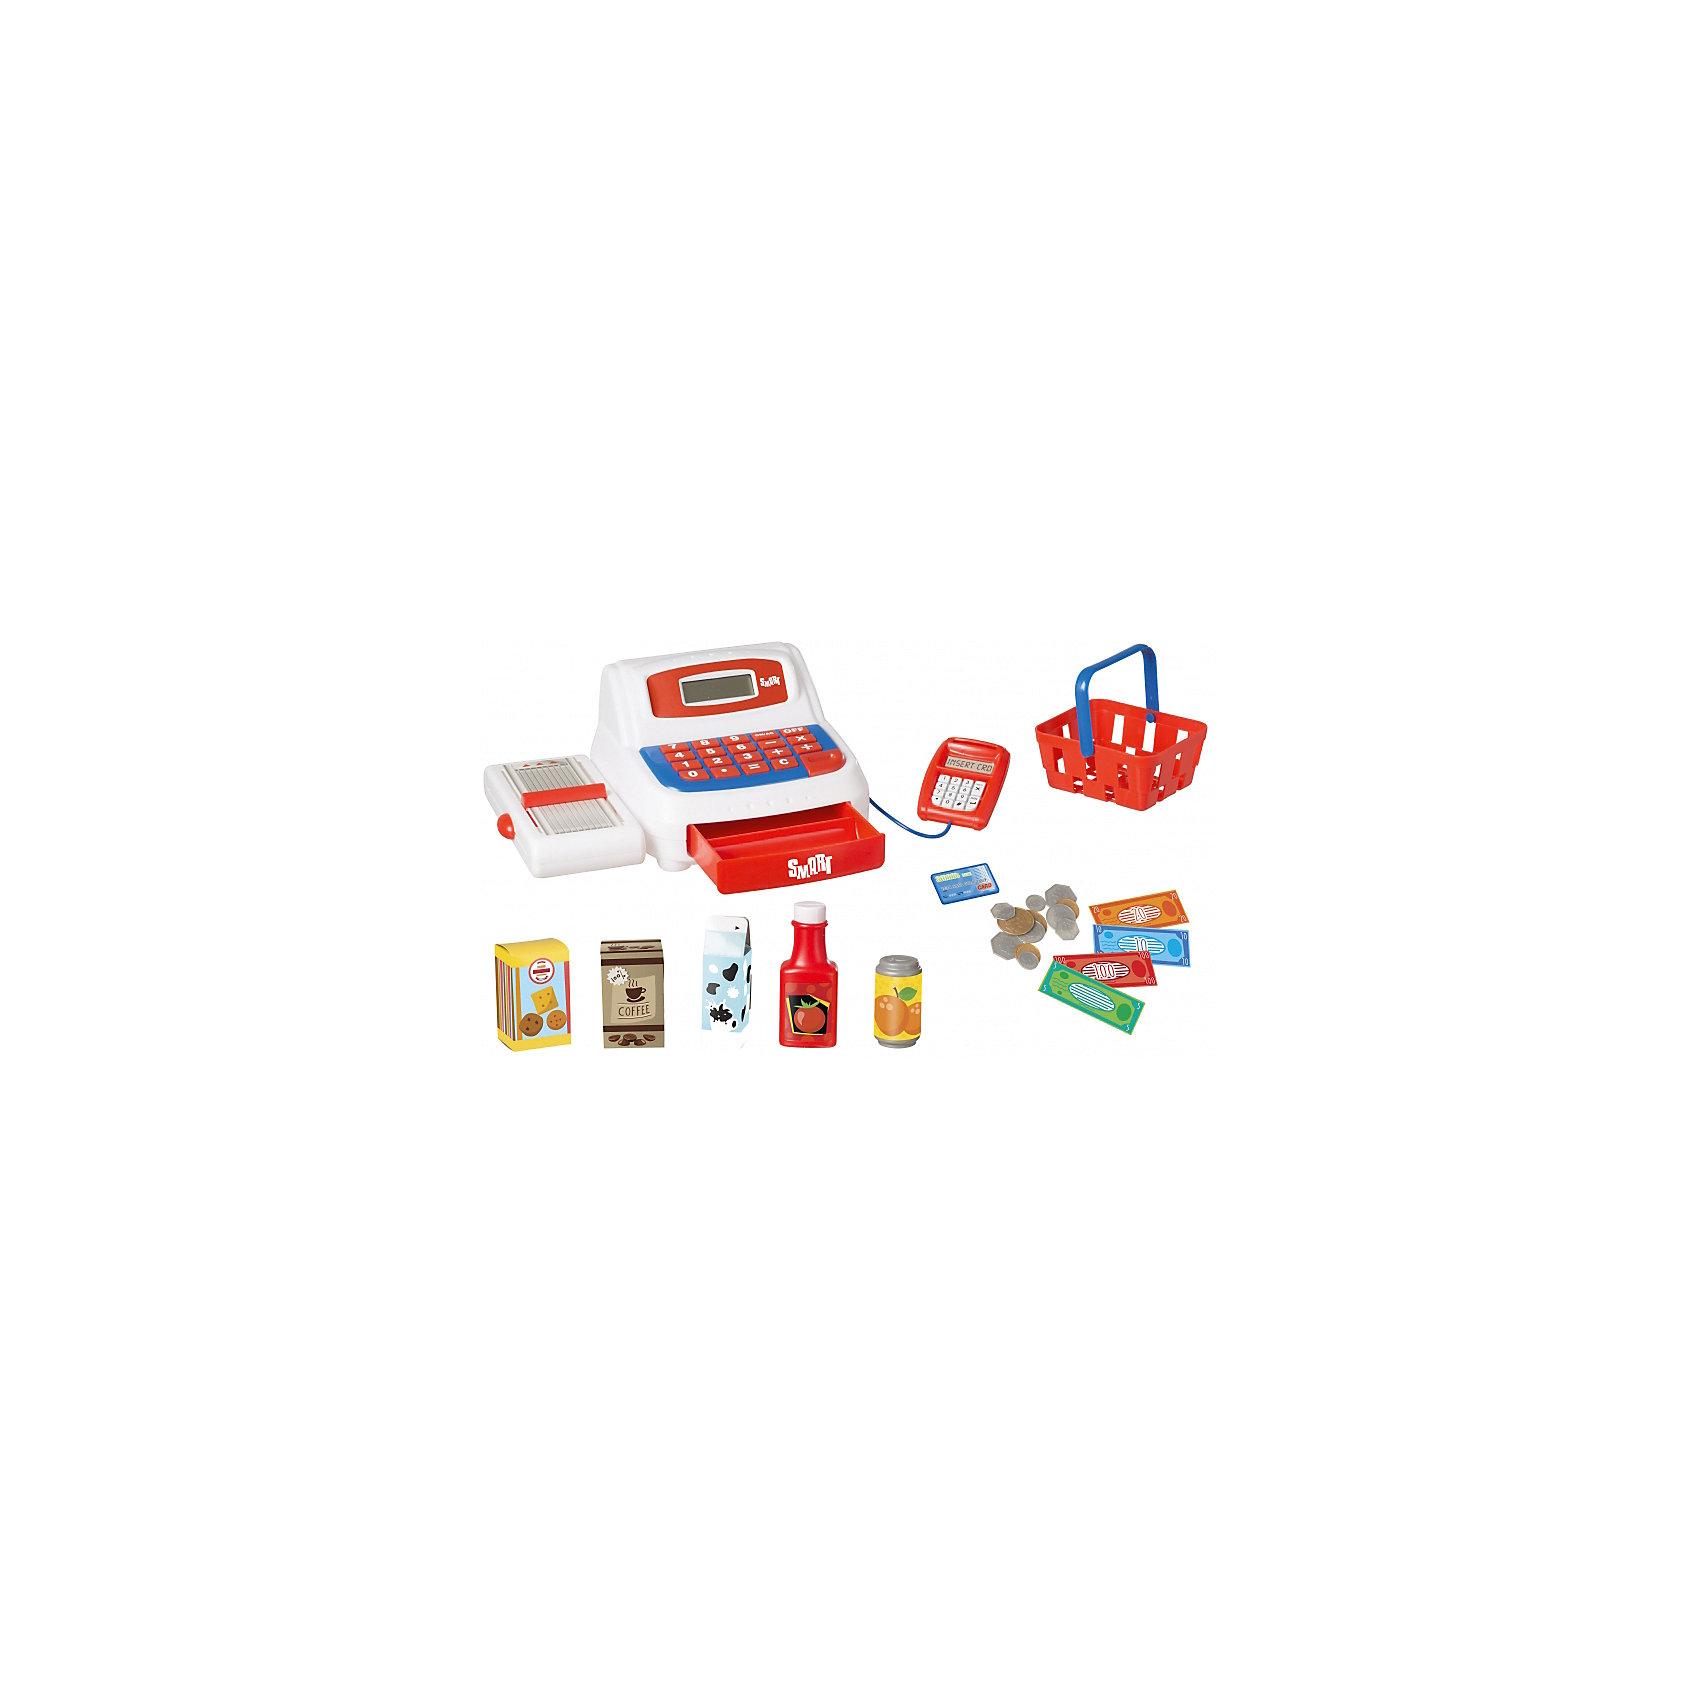 Кассовый аппарат, HTIДетские магазины и аксесссуары<br>Характеристики товара:<br><br>• Материал: пластик<br>• Для работы нажуны 2 батарейки АА (в комплект не входят)<br>• Размер упаковки 14х28х19,5 см<br>• Вес упаковки 0,8 кг<br>• Страна производитель: Китай<br><br>Кассовый аппарат HTI познакомит ребенка с устройством кассы в магазине. Игрушка выполнена в виде кассового аппарата с лентой для продуктов, отсеком для монет, калькулятором и терминалом для оплаты. Ребенок сможет придумать разнообразные игры, представив себя в роли покупателя продуктов питания.<br><br>Игрушка оснащена звуковыми эффектами, которые работают от 2 батареек АА (в комплект не входят). В наборе: аппарат, продукты питания, корзина для покупок, терминал для оплаты, банковская карта, монеты и деньги.<br><br>Кассовый аппарат HTI можно приобрести в нашем интернет-магазине.<br><br>Ширина мм: 140<br>Глубина мм: 280<br>Высота мм: 195<br>Вес г: 800<br>Возраст от месяцев: 36<br>Возраст до месяцев: 2147483647<br>Пол: Унисекс<br>Возраст: Детский<br>SKU: 5514324